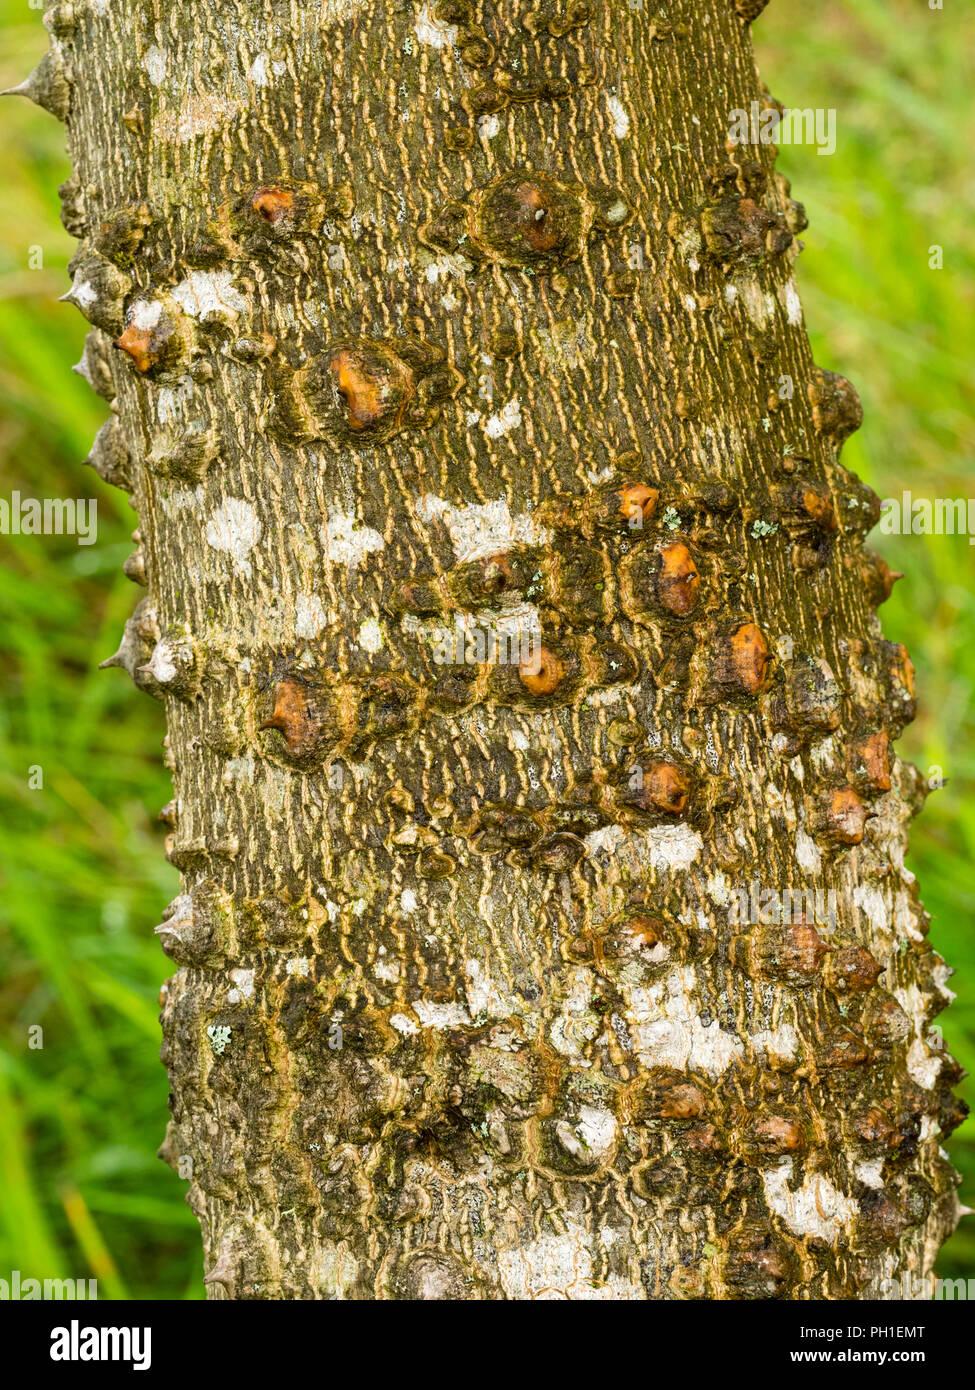 La moitié de l'écorce verruqueuse hardy prickly ash tree, Zanthoxylum ailanthoides Photo Stock